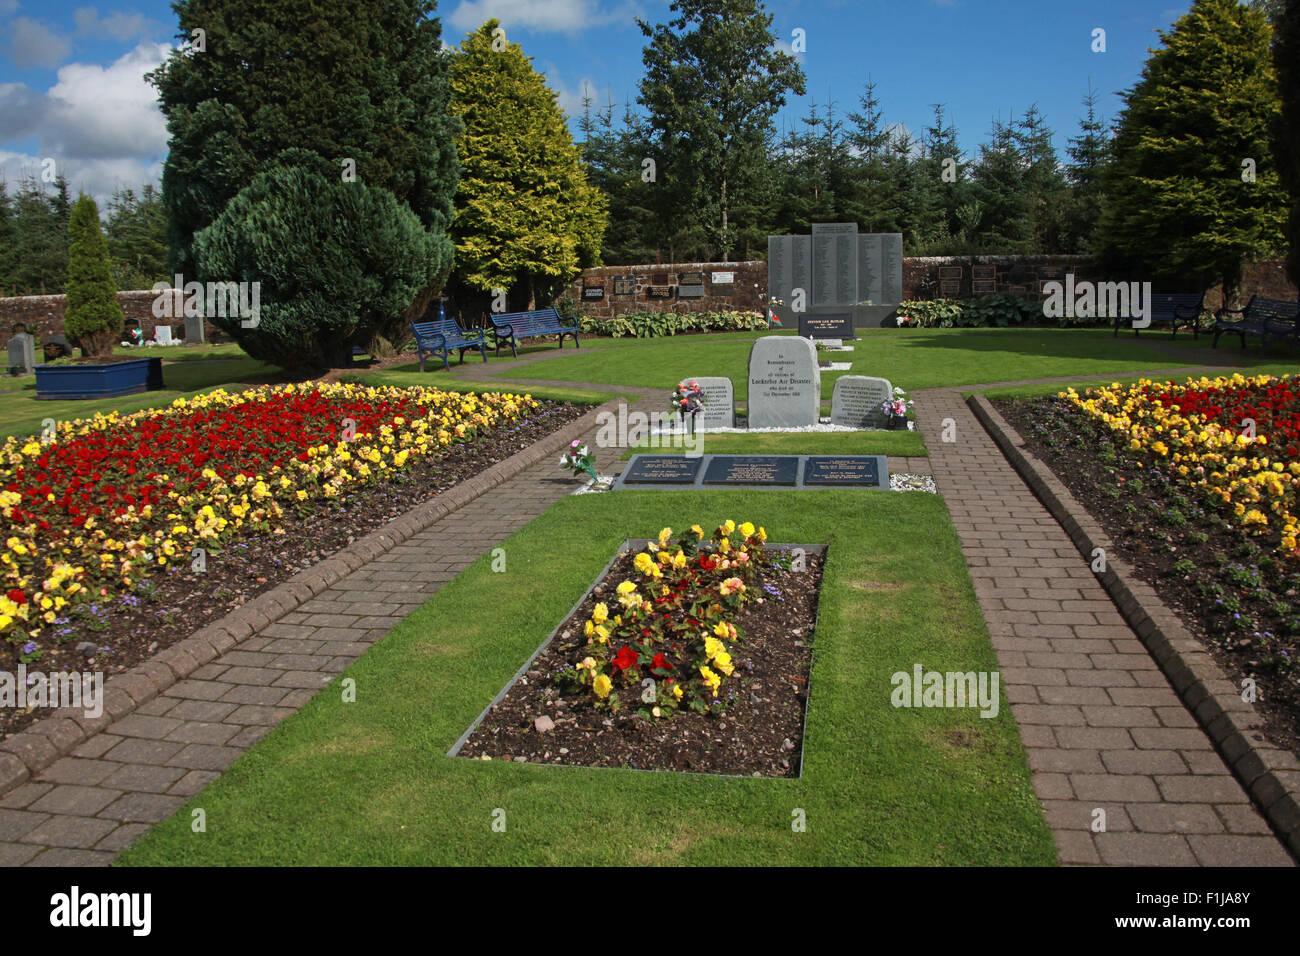 Laden Sie dieses Alamy Stockfoto Lockerbie PanAm103 In Erinnerung Memorial, Schottland - F1JA8Y